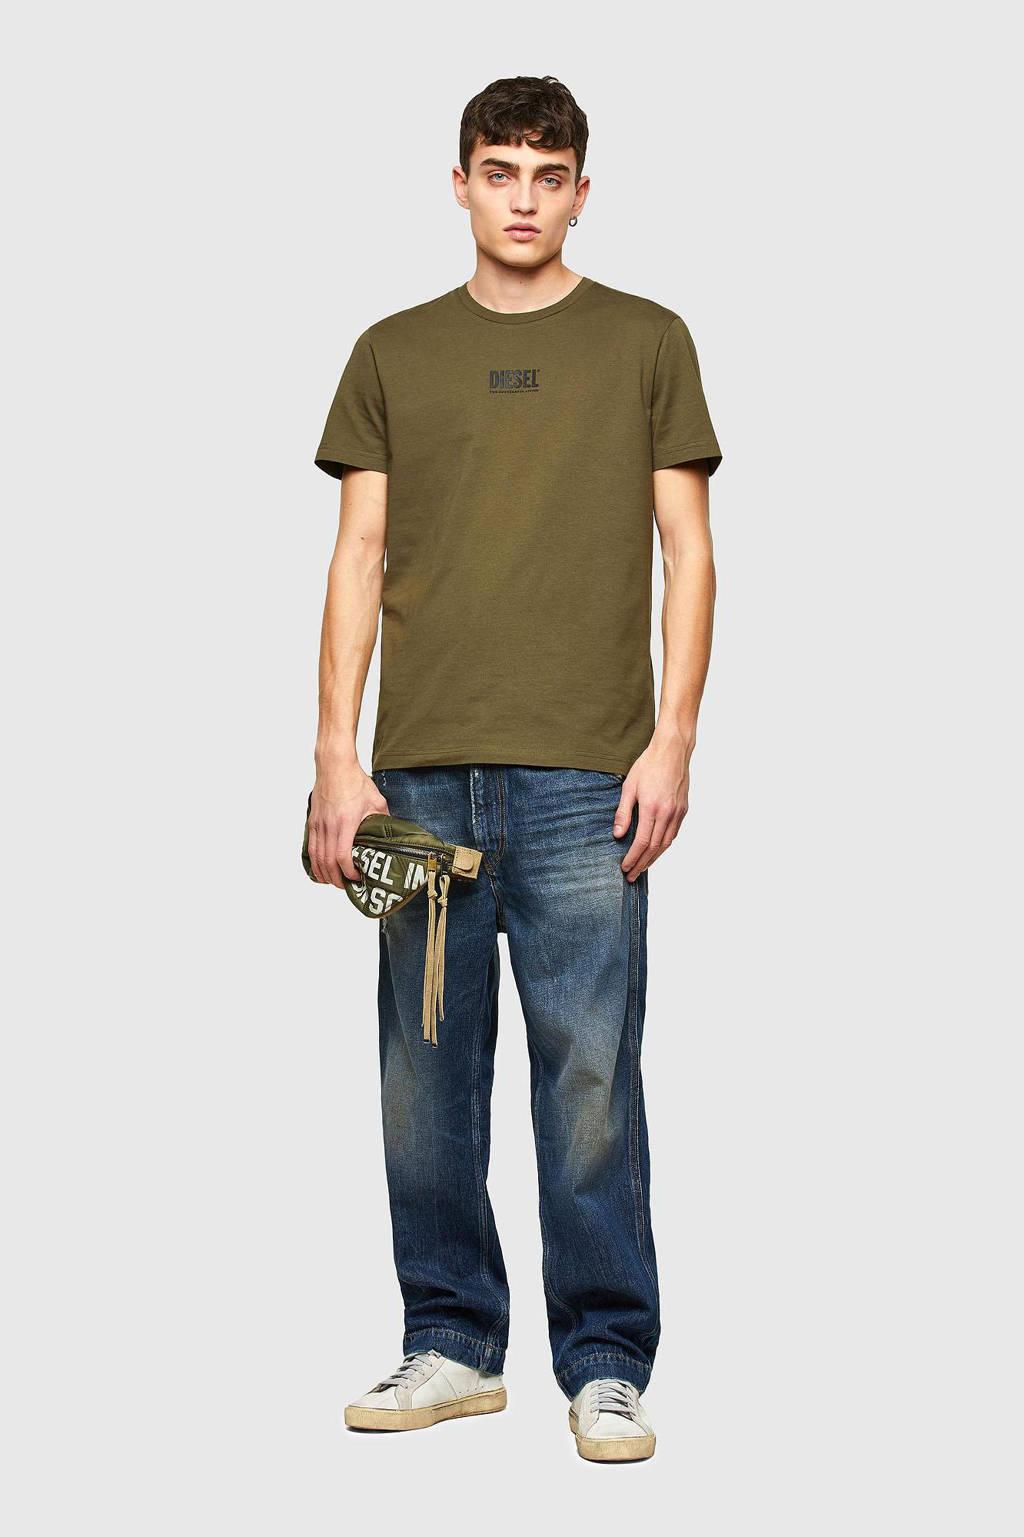 Diesel T-shirt T-Diego-Smallogo met logo olijfgroen, Olijfgroen